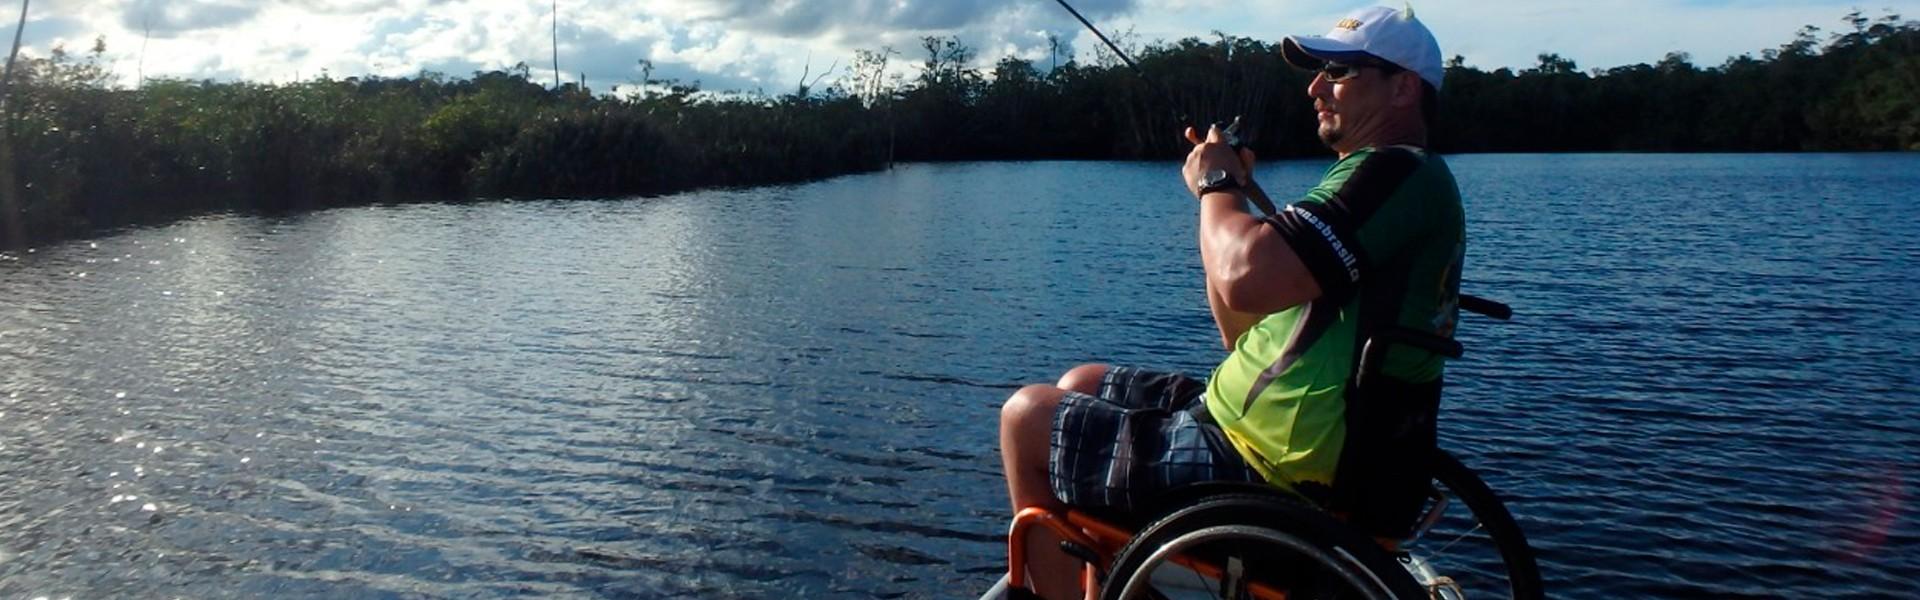 Não é só pescaria: conheça a história de Leandro Simioni